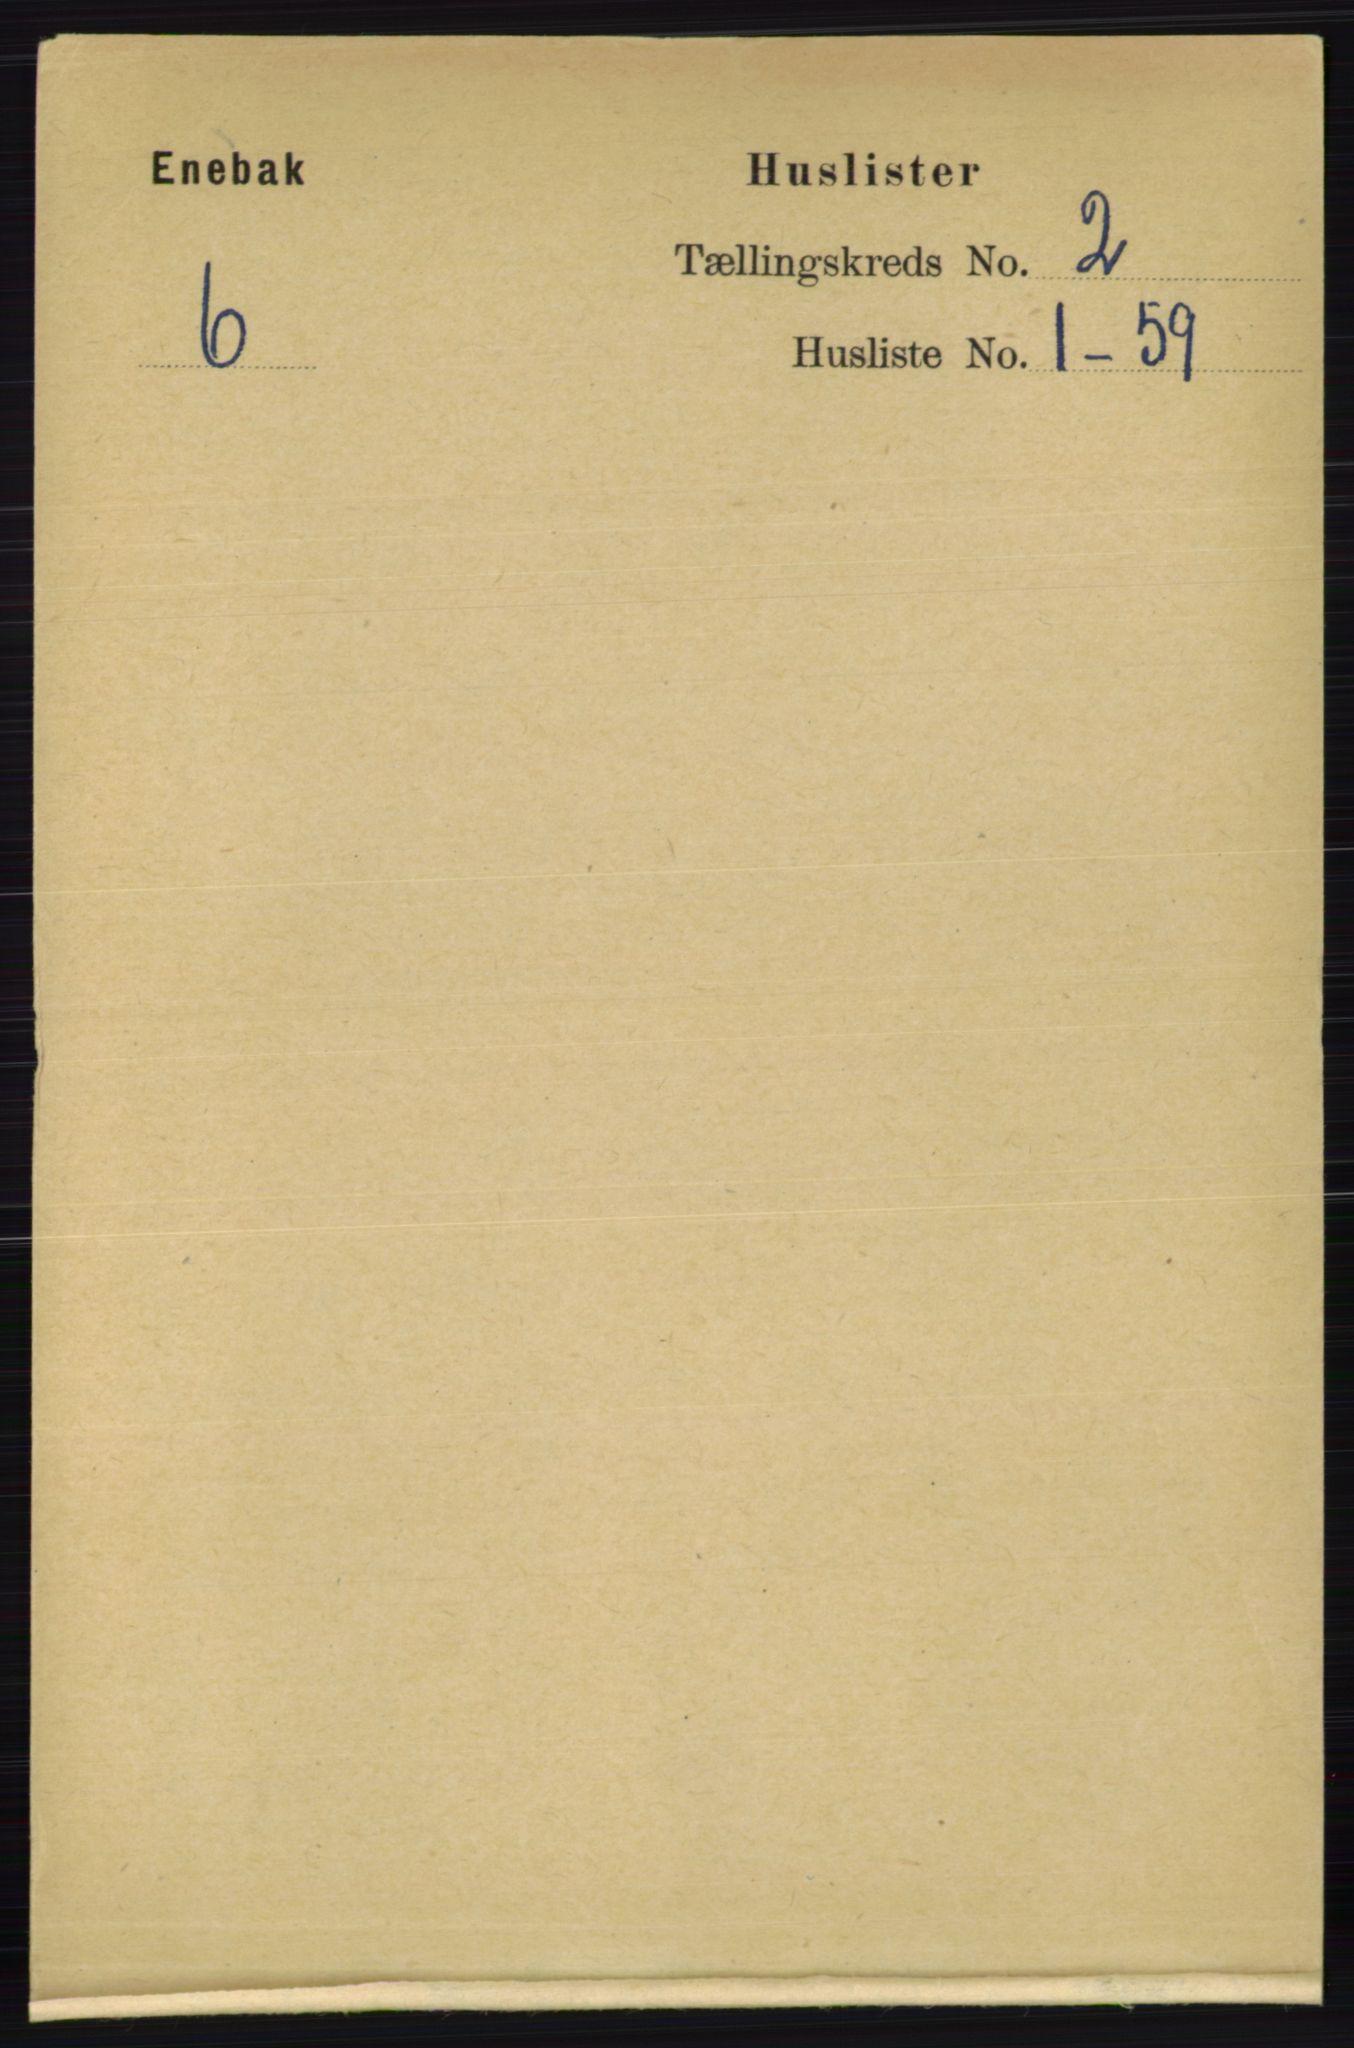 RA, Folketelling 1891 for 0229 Enebakk herred, 1891, s. 703